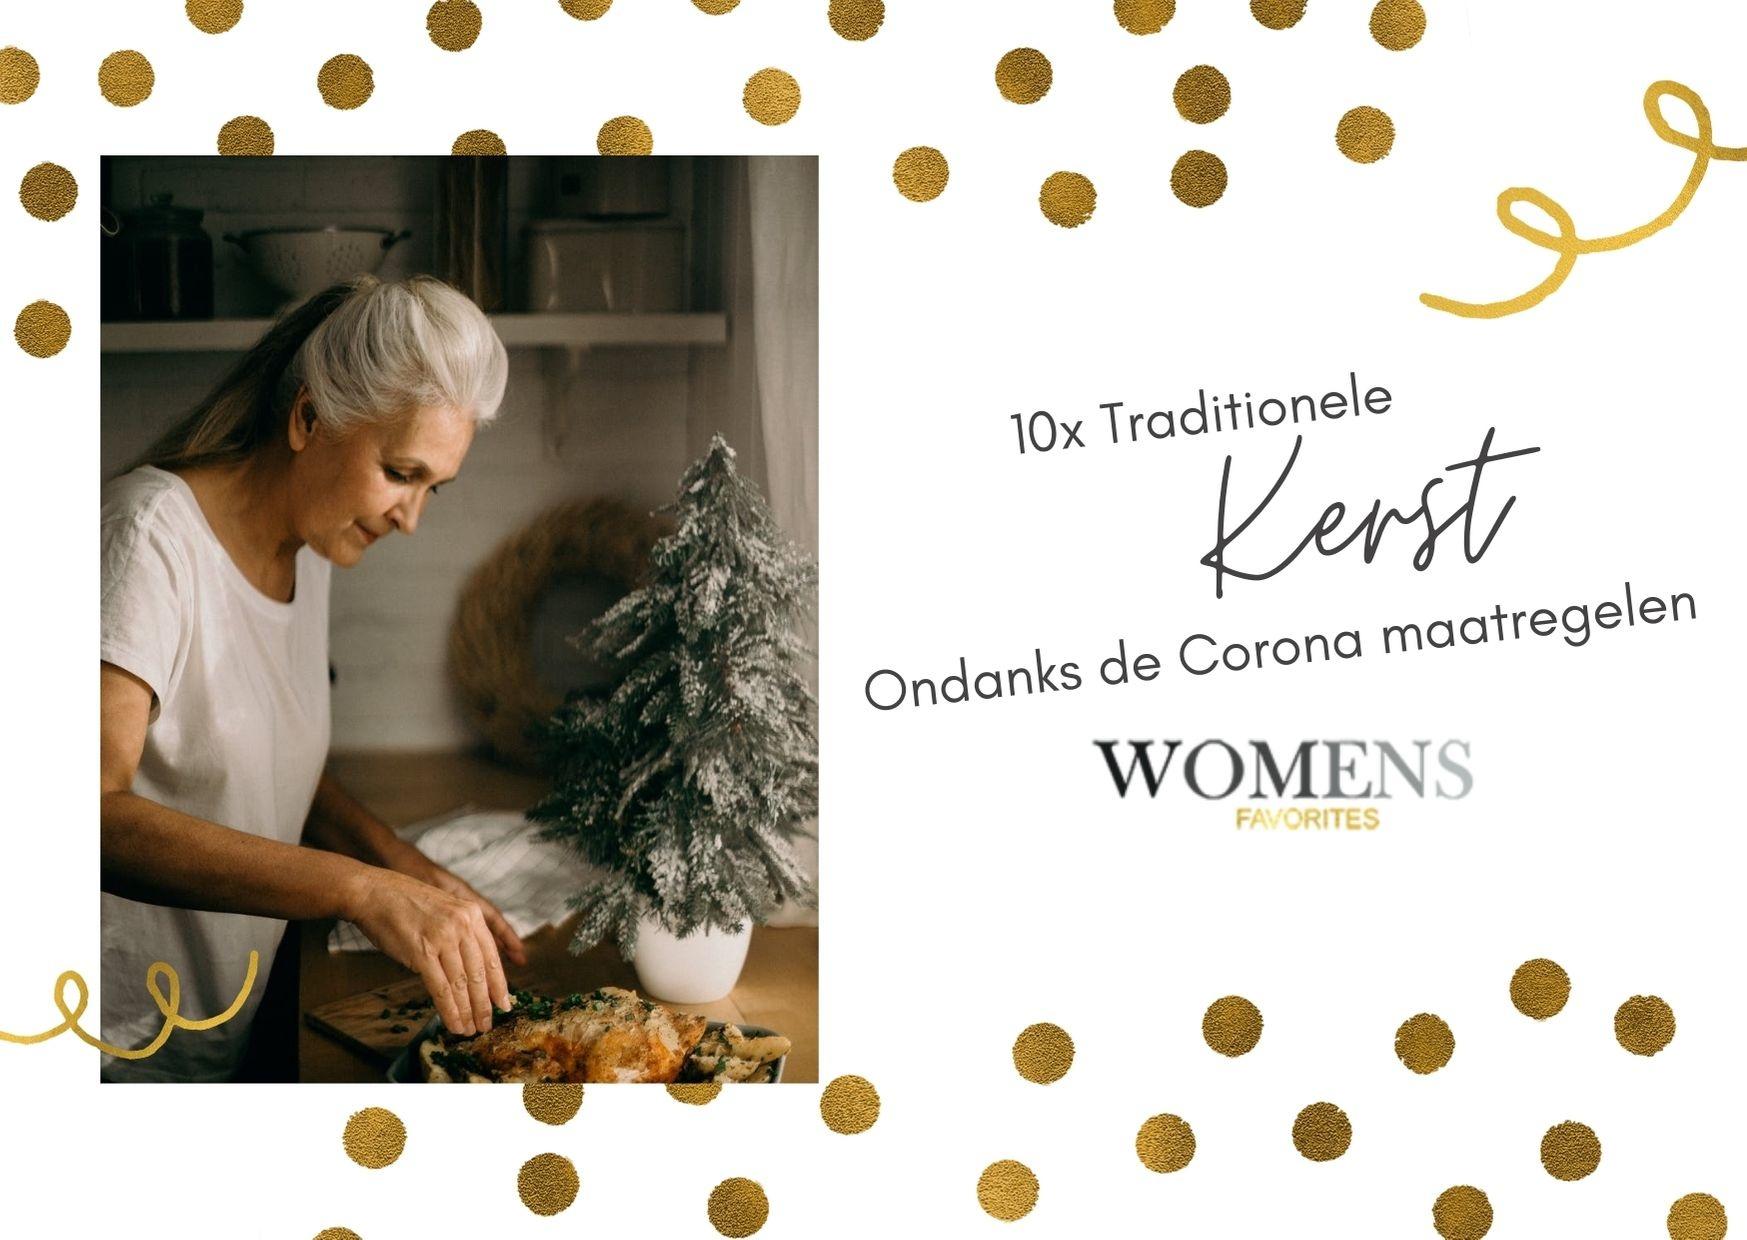 10x coronaproof tradities  tijdens de kerstdagen die doorgaan